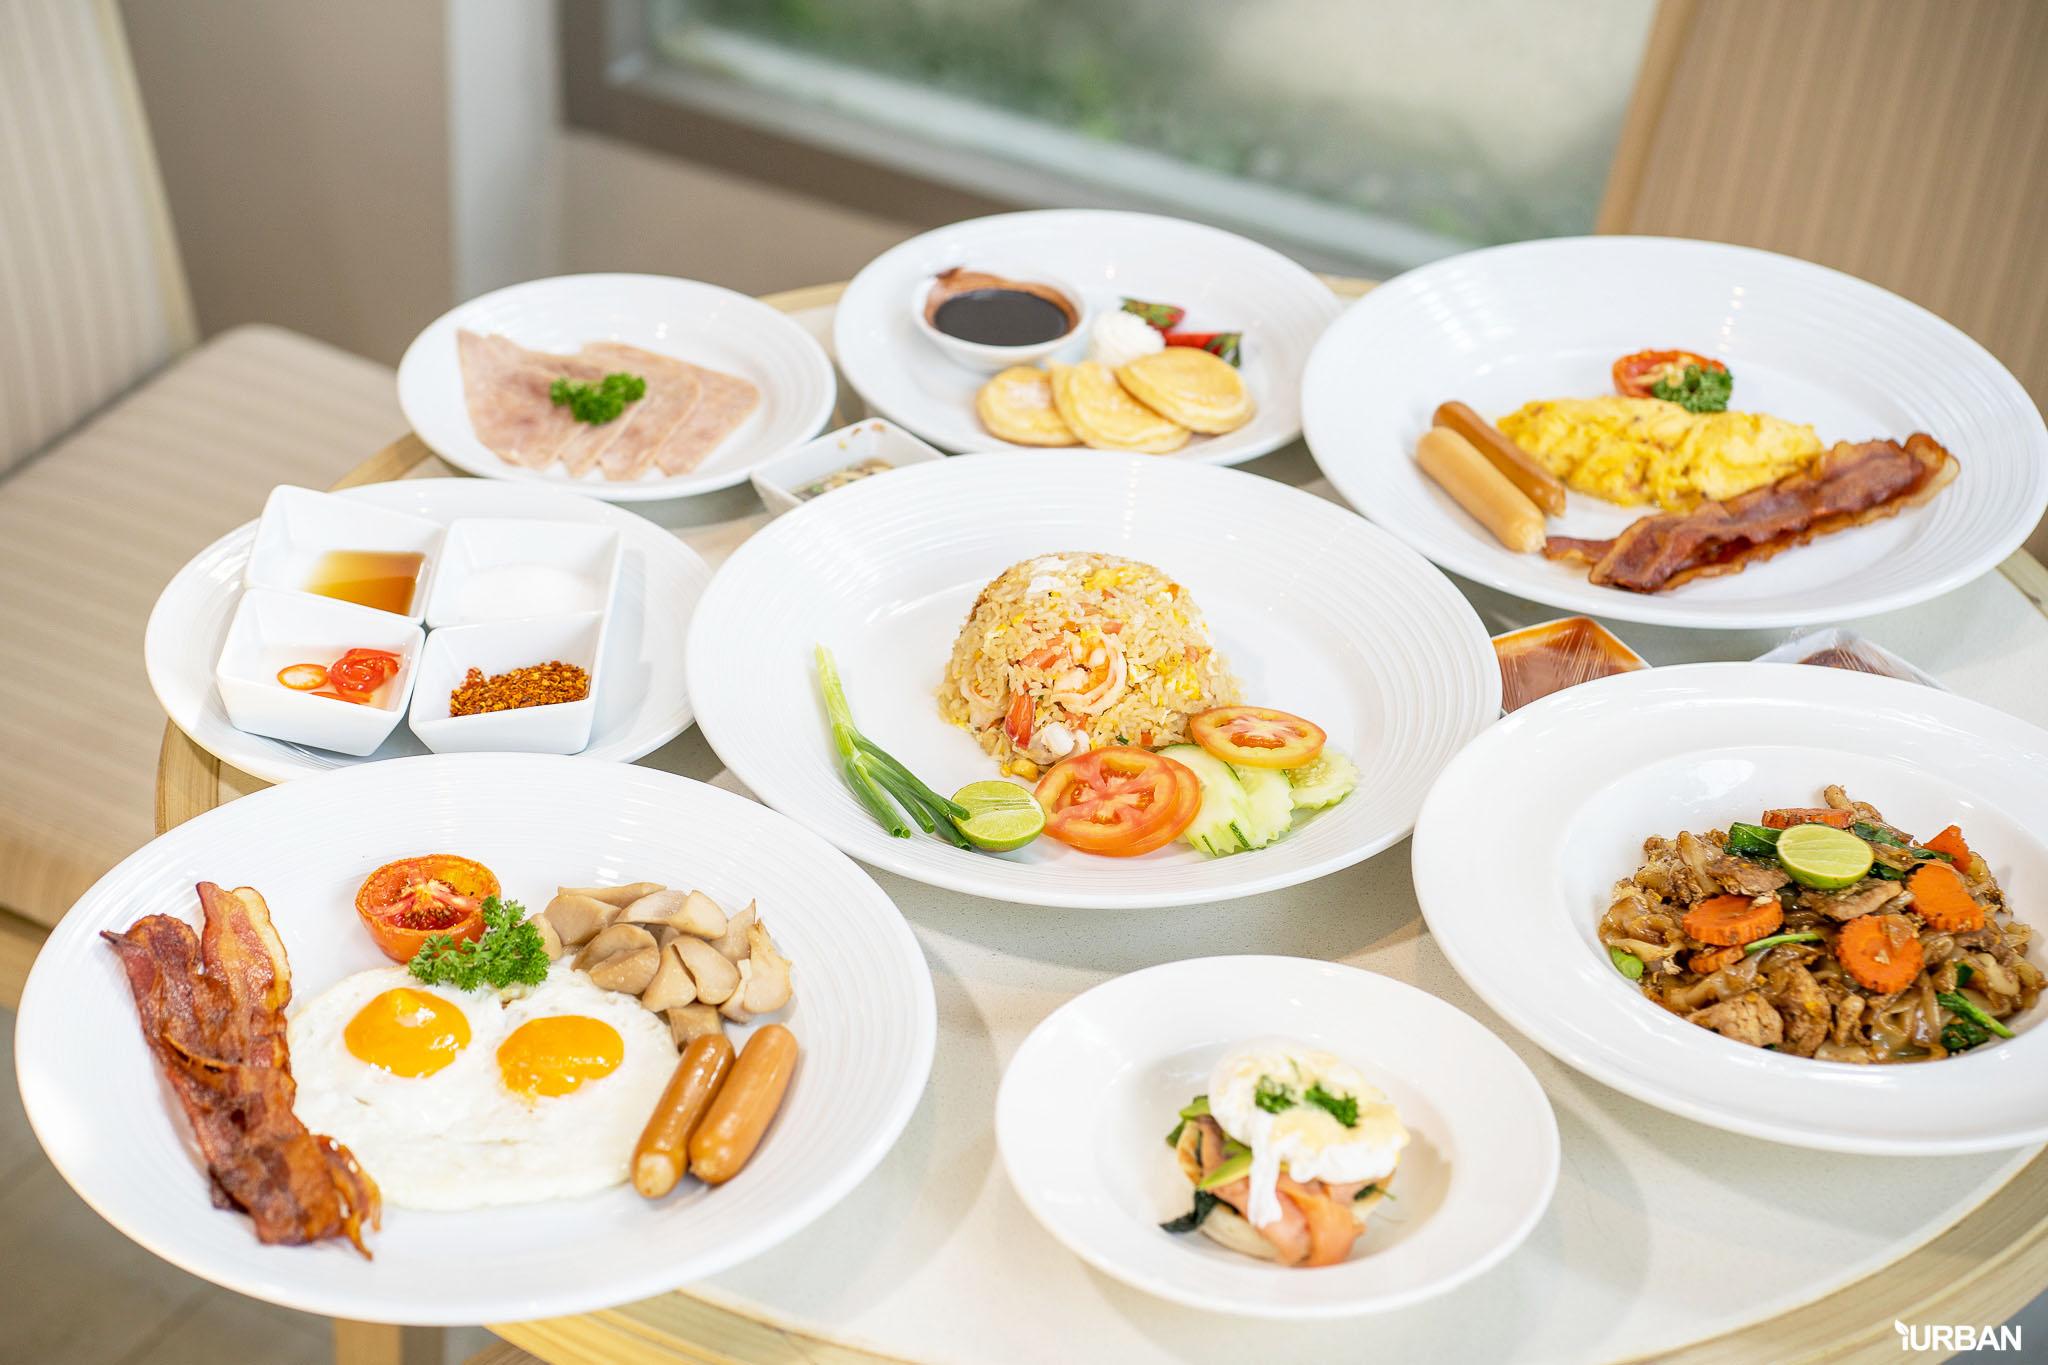 รีวิว Avani+ Hua Hin Resort พูลวิลล่าส่วนตัวสุดหรู หนึ่งในรีสอร์ทสุนัขพักได้ที่ดีที่สุดในไทยจากเชนจ์ Minor 70 - Avani